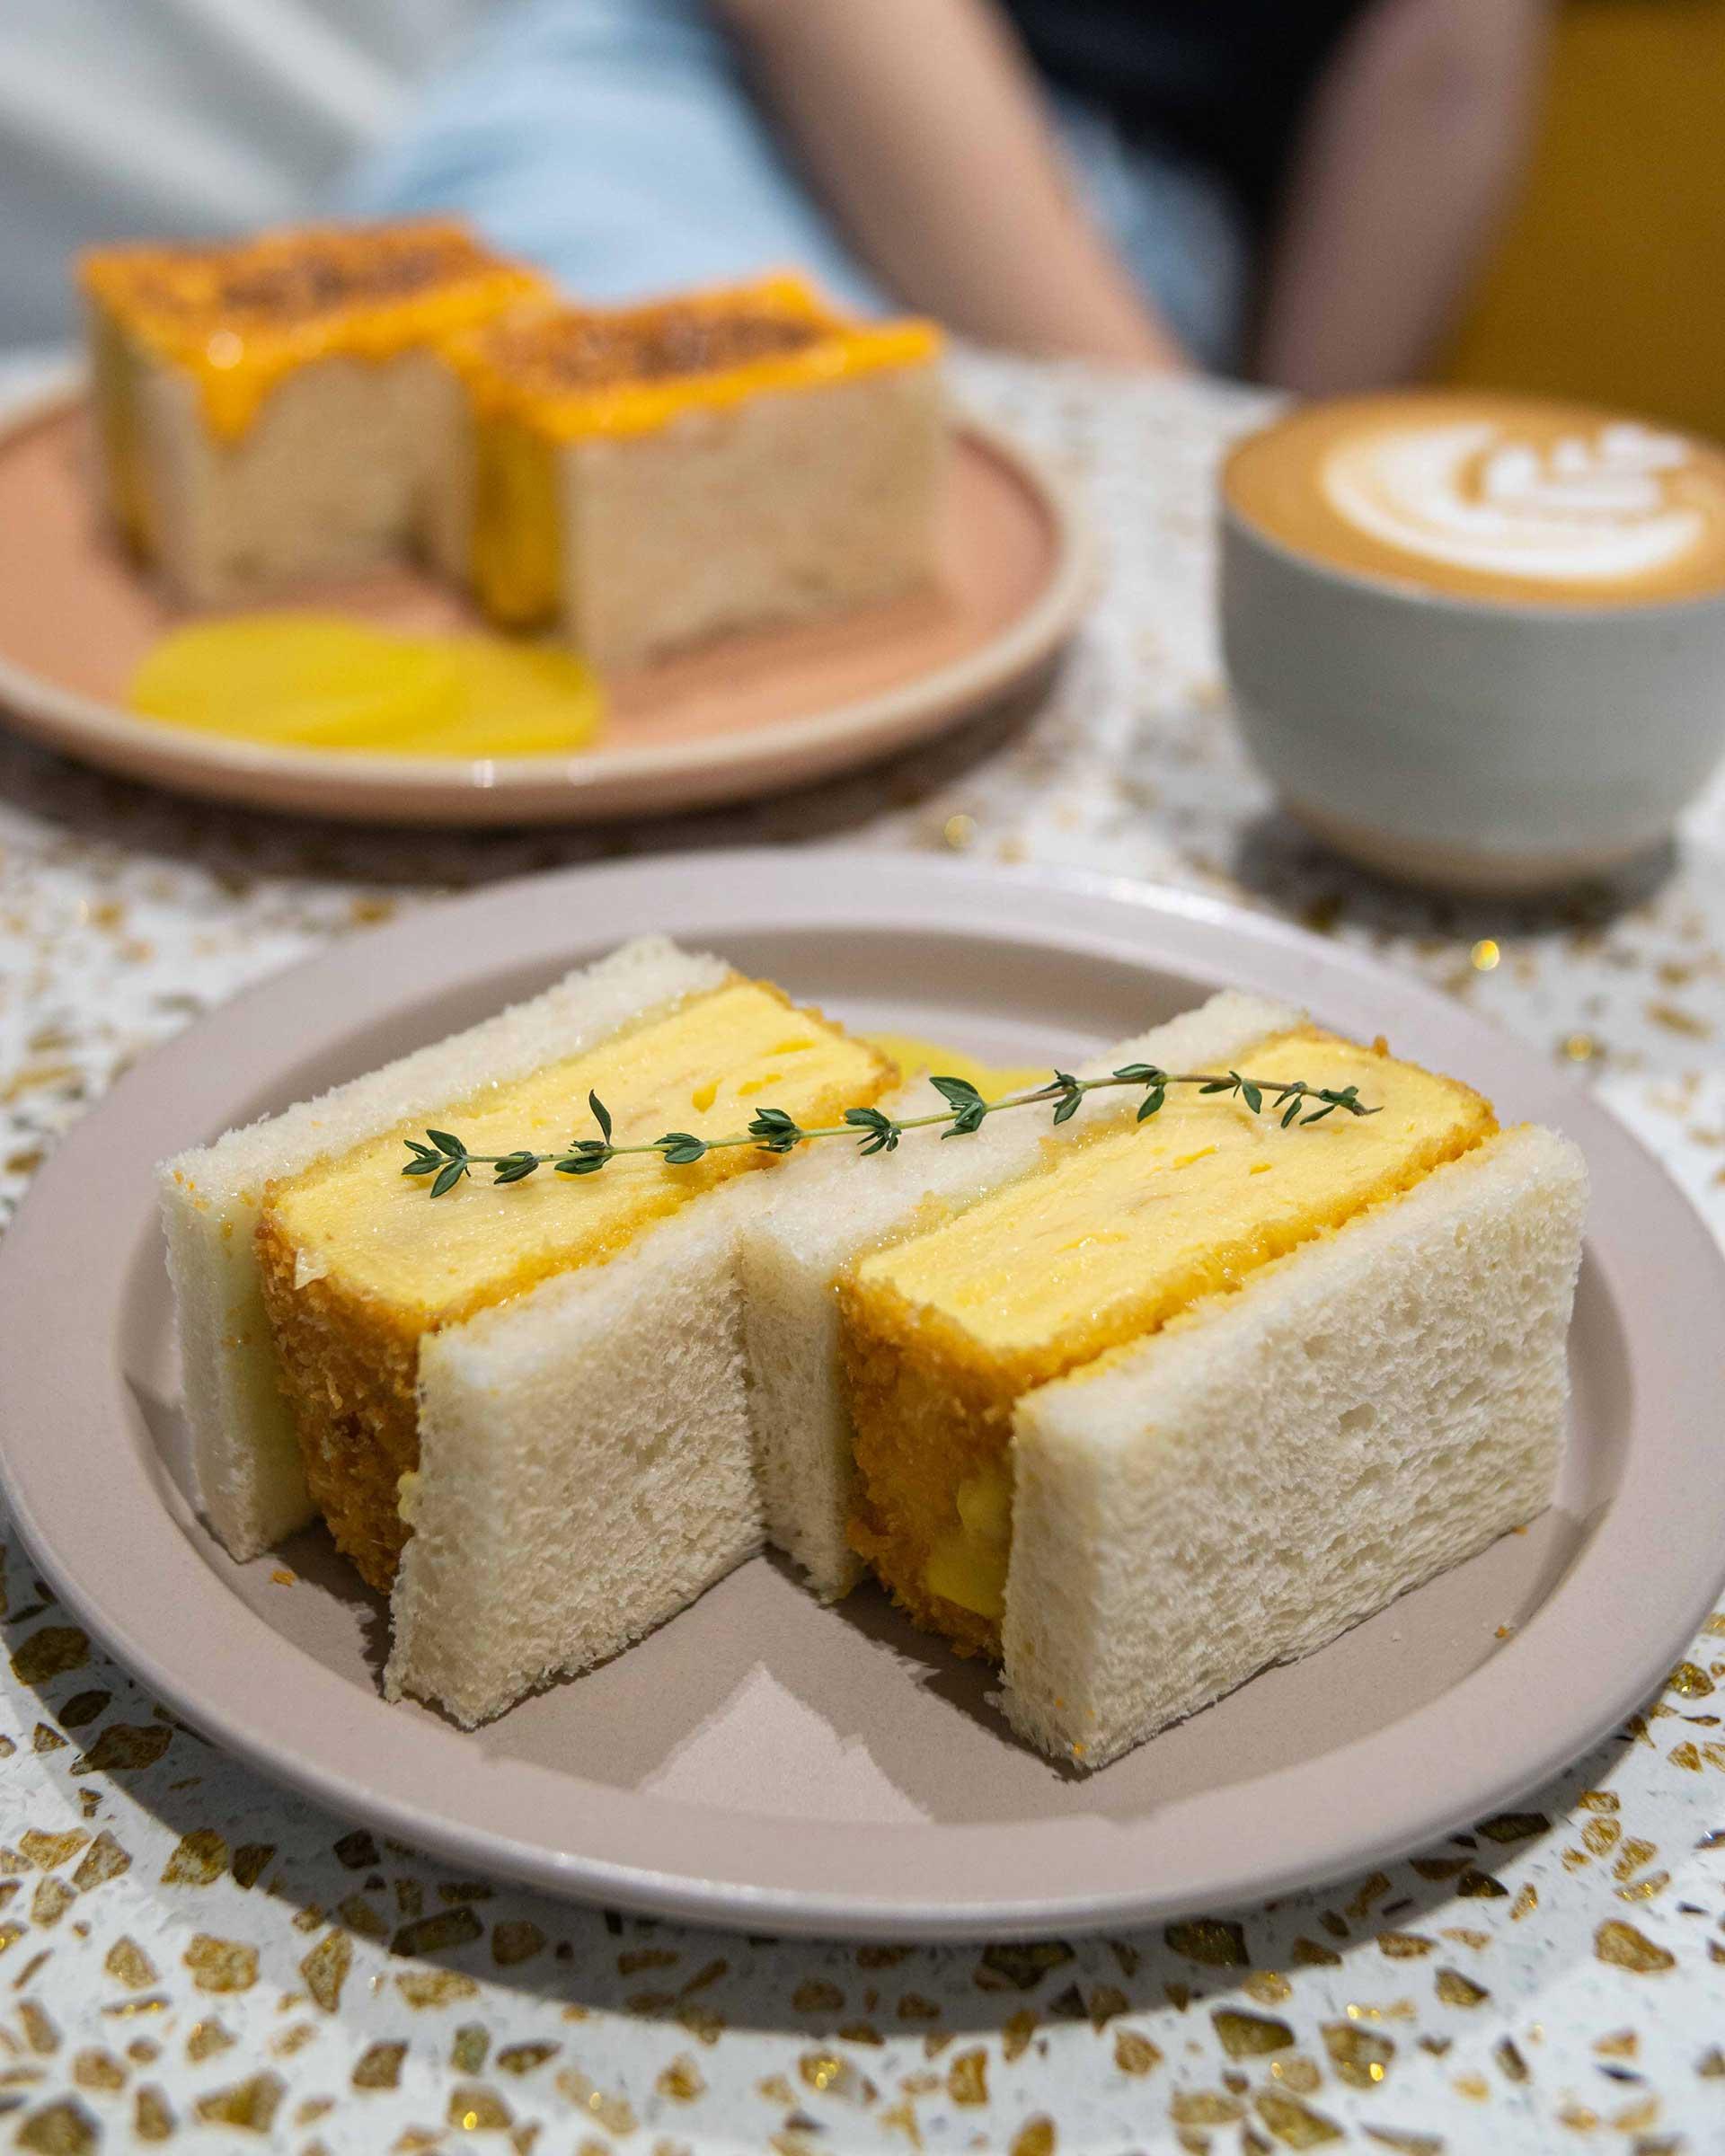 Tamagoyaki Sando, MYR18.00 ($4.32)